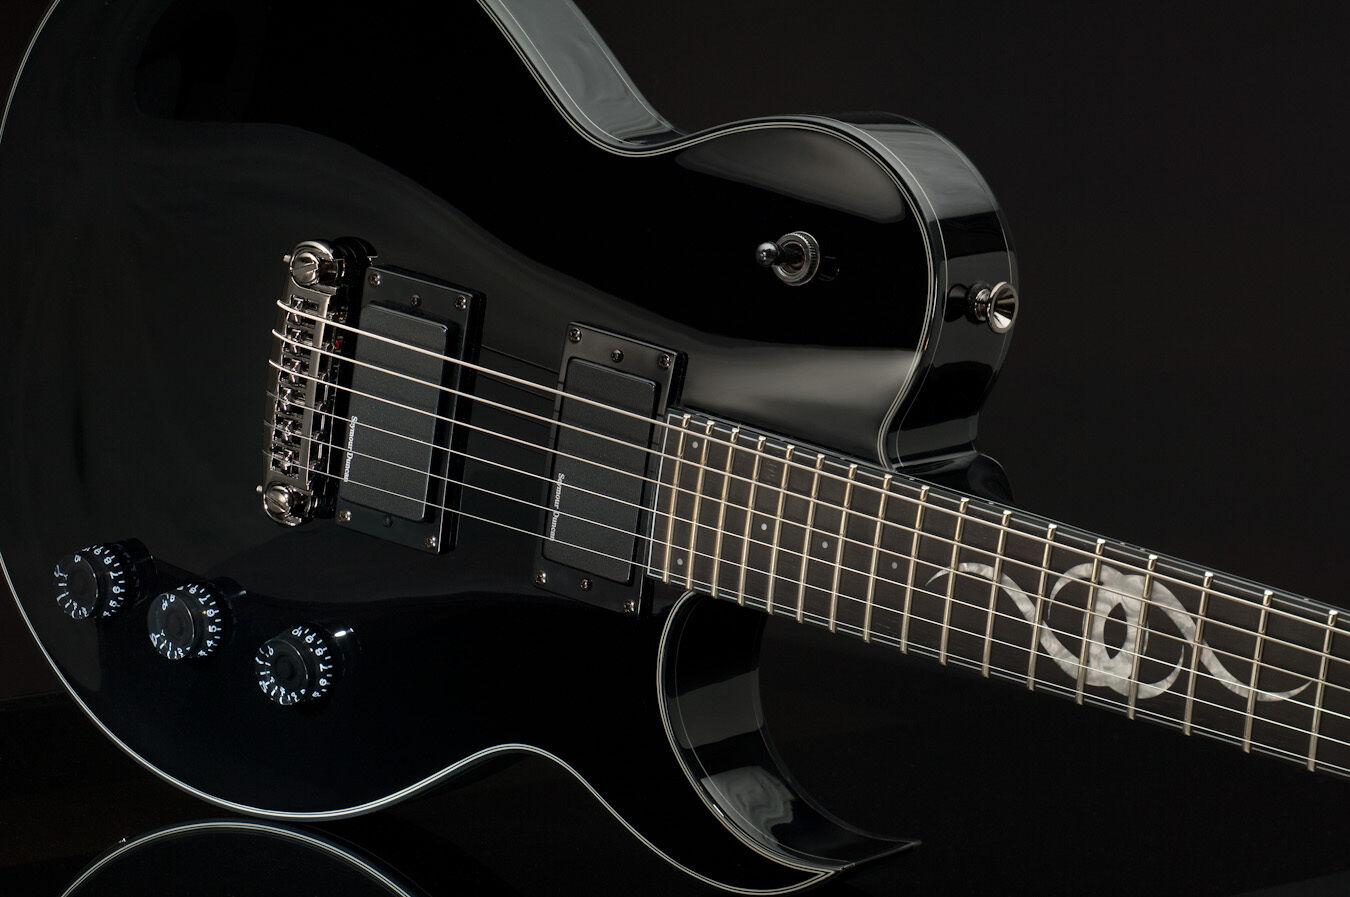 schwarz Single Cutaway Ethan Hart Gitarre von Greg Bennett